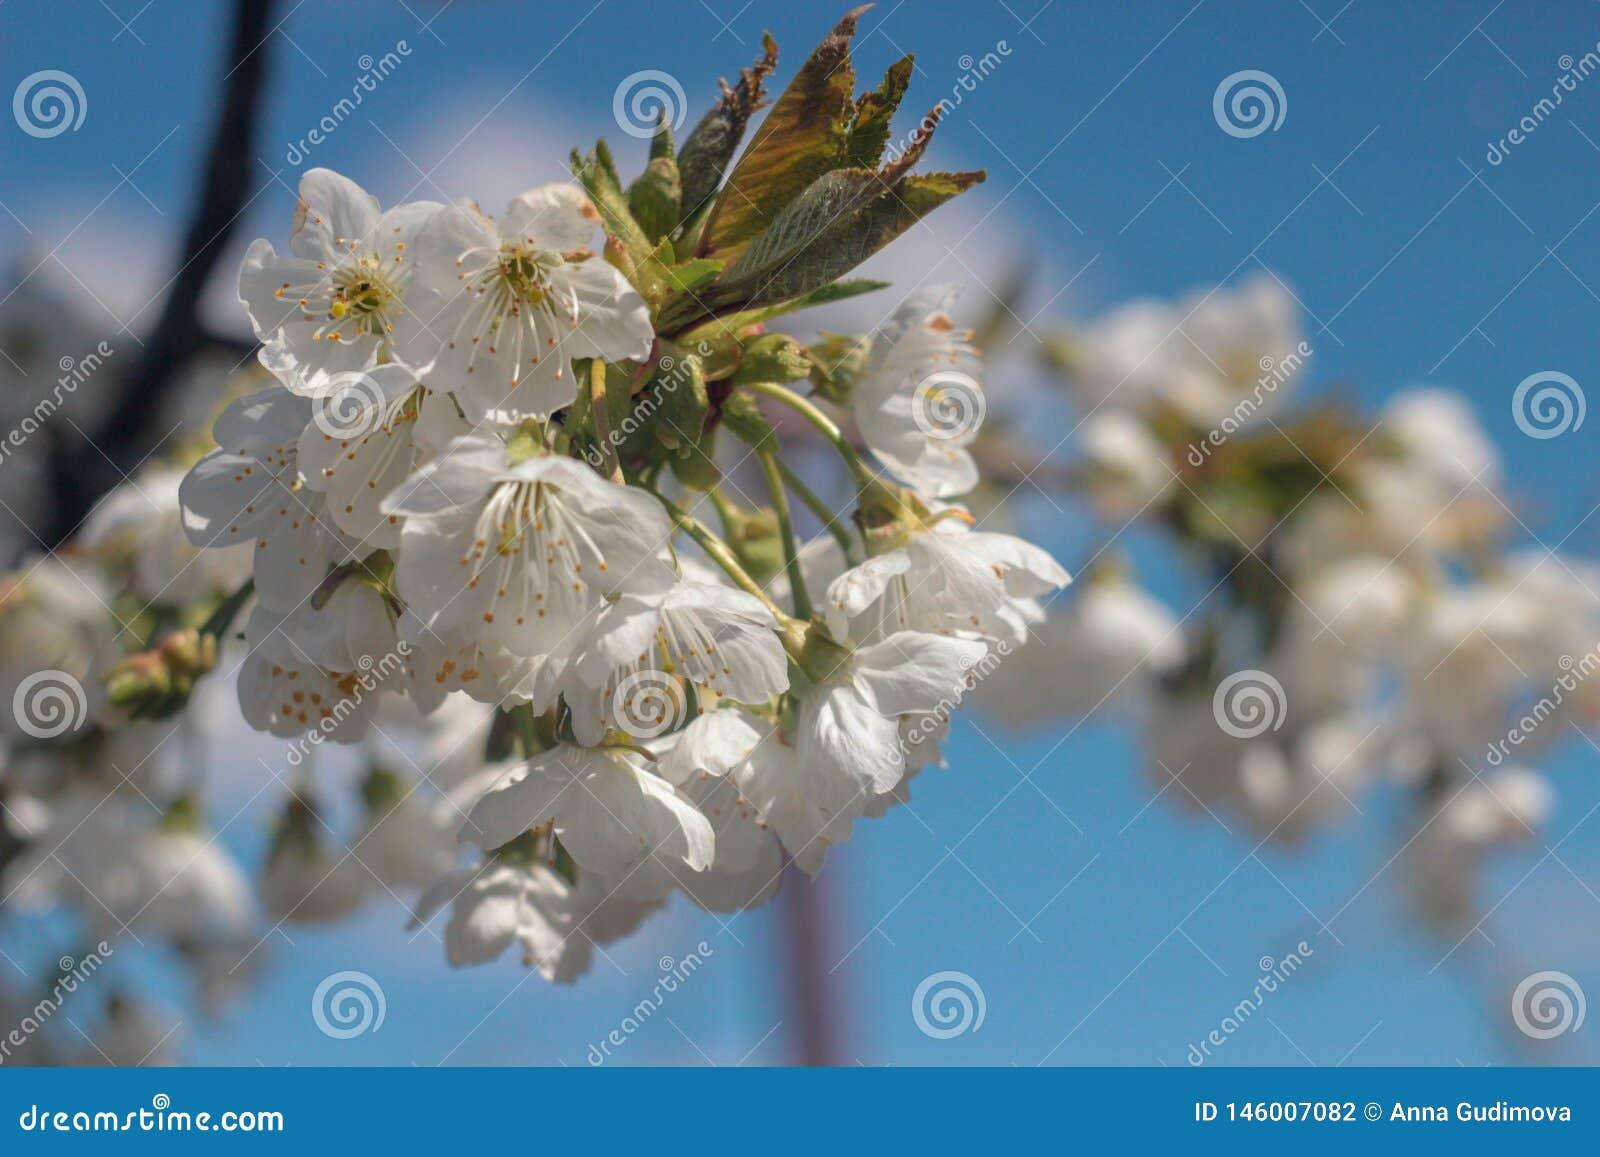 Φωτογραφία του ανθίζοντας δέντρου κερασιών